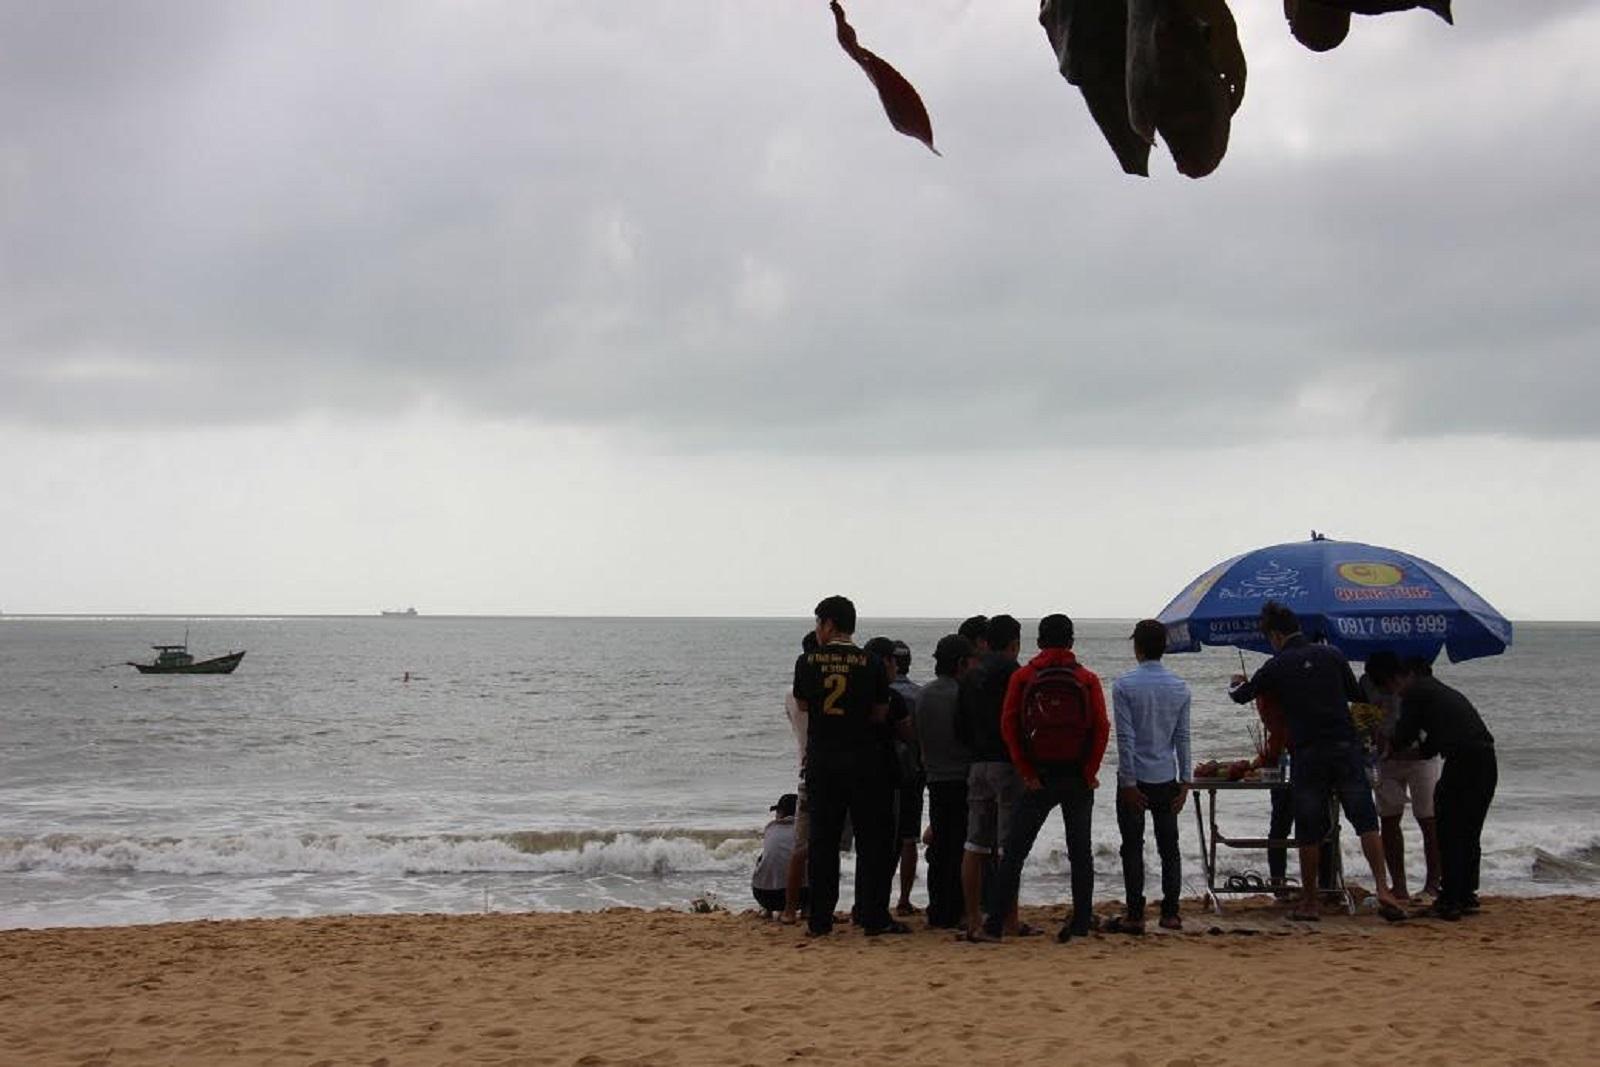 Tắm biển Quy Nhơn, 2 sinh viên quê Gia Lai mất tích